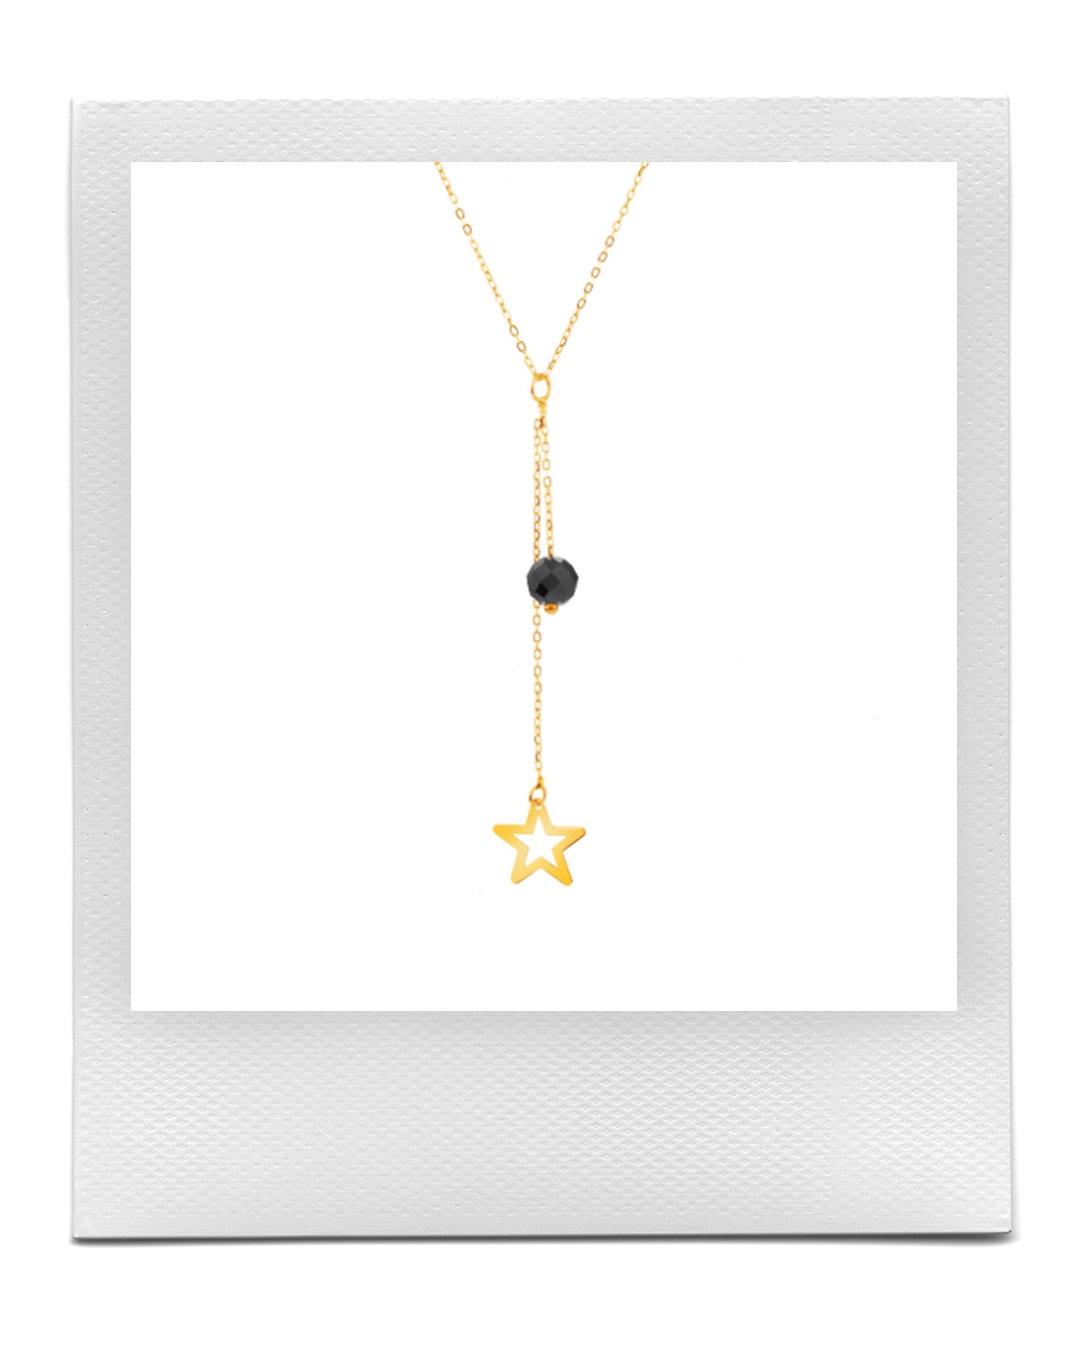 Zlatý náhrdelník se zirkonem, Apart  prodává Apart, 2 709 Kč